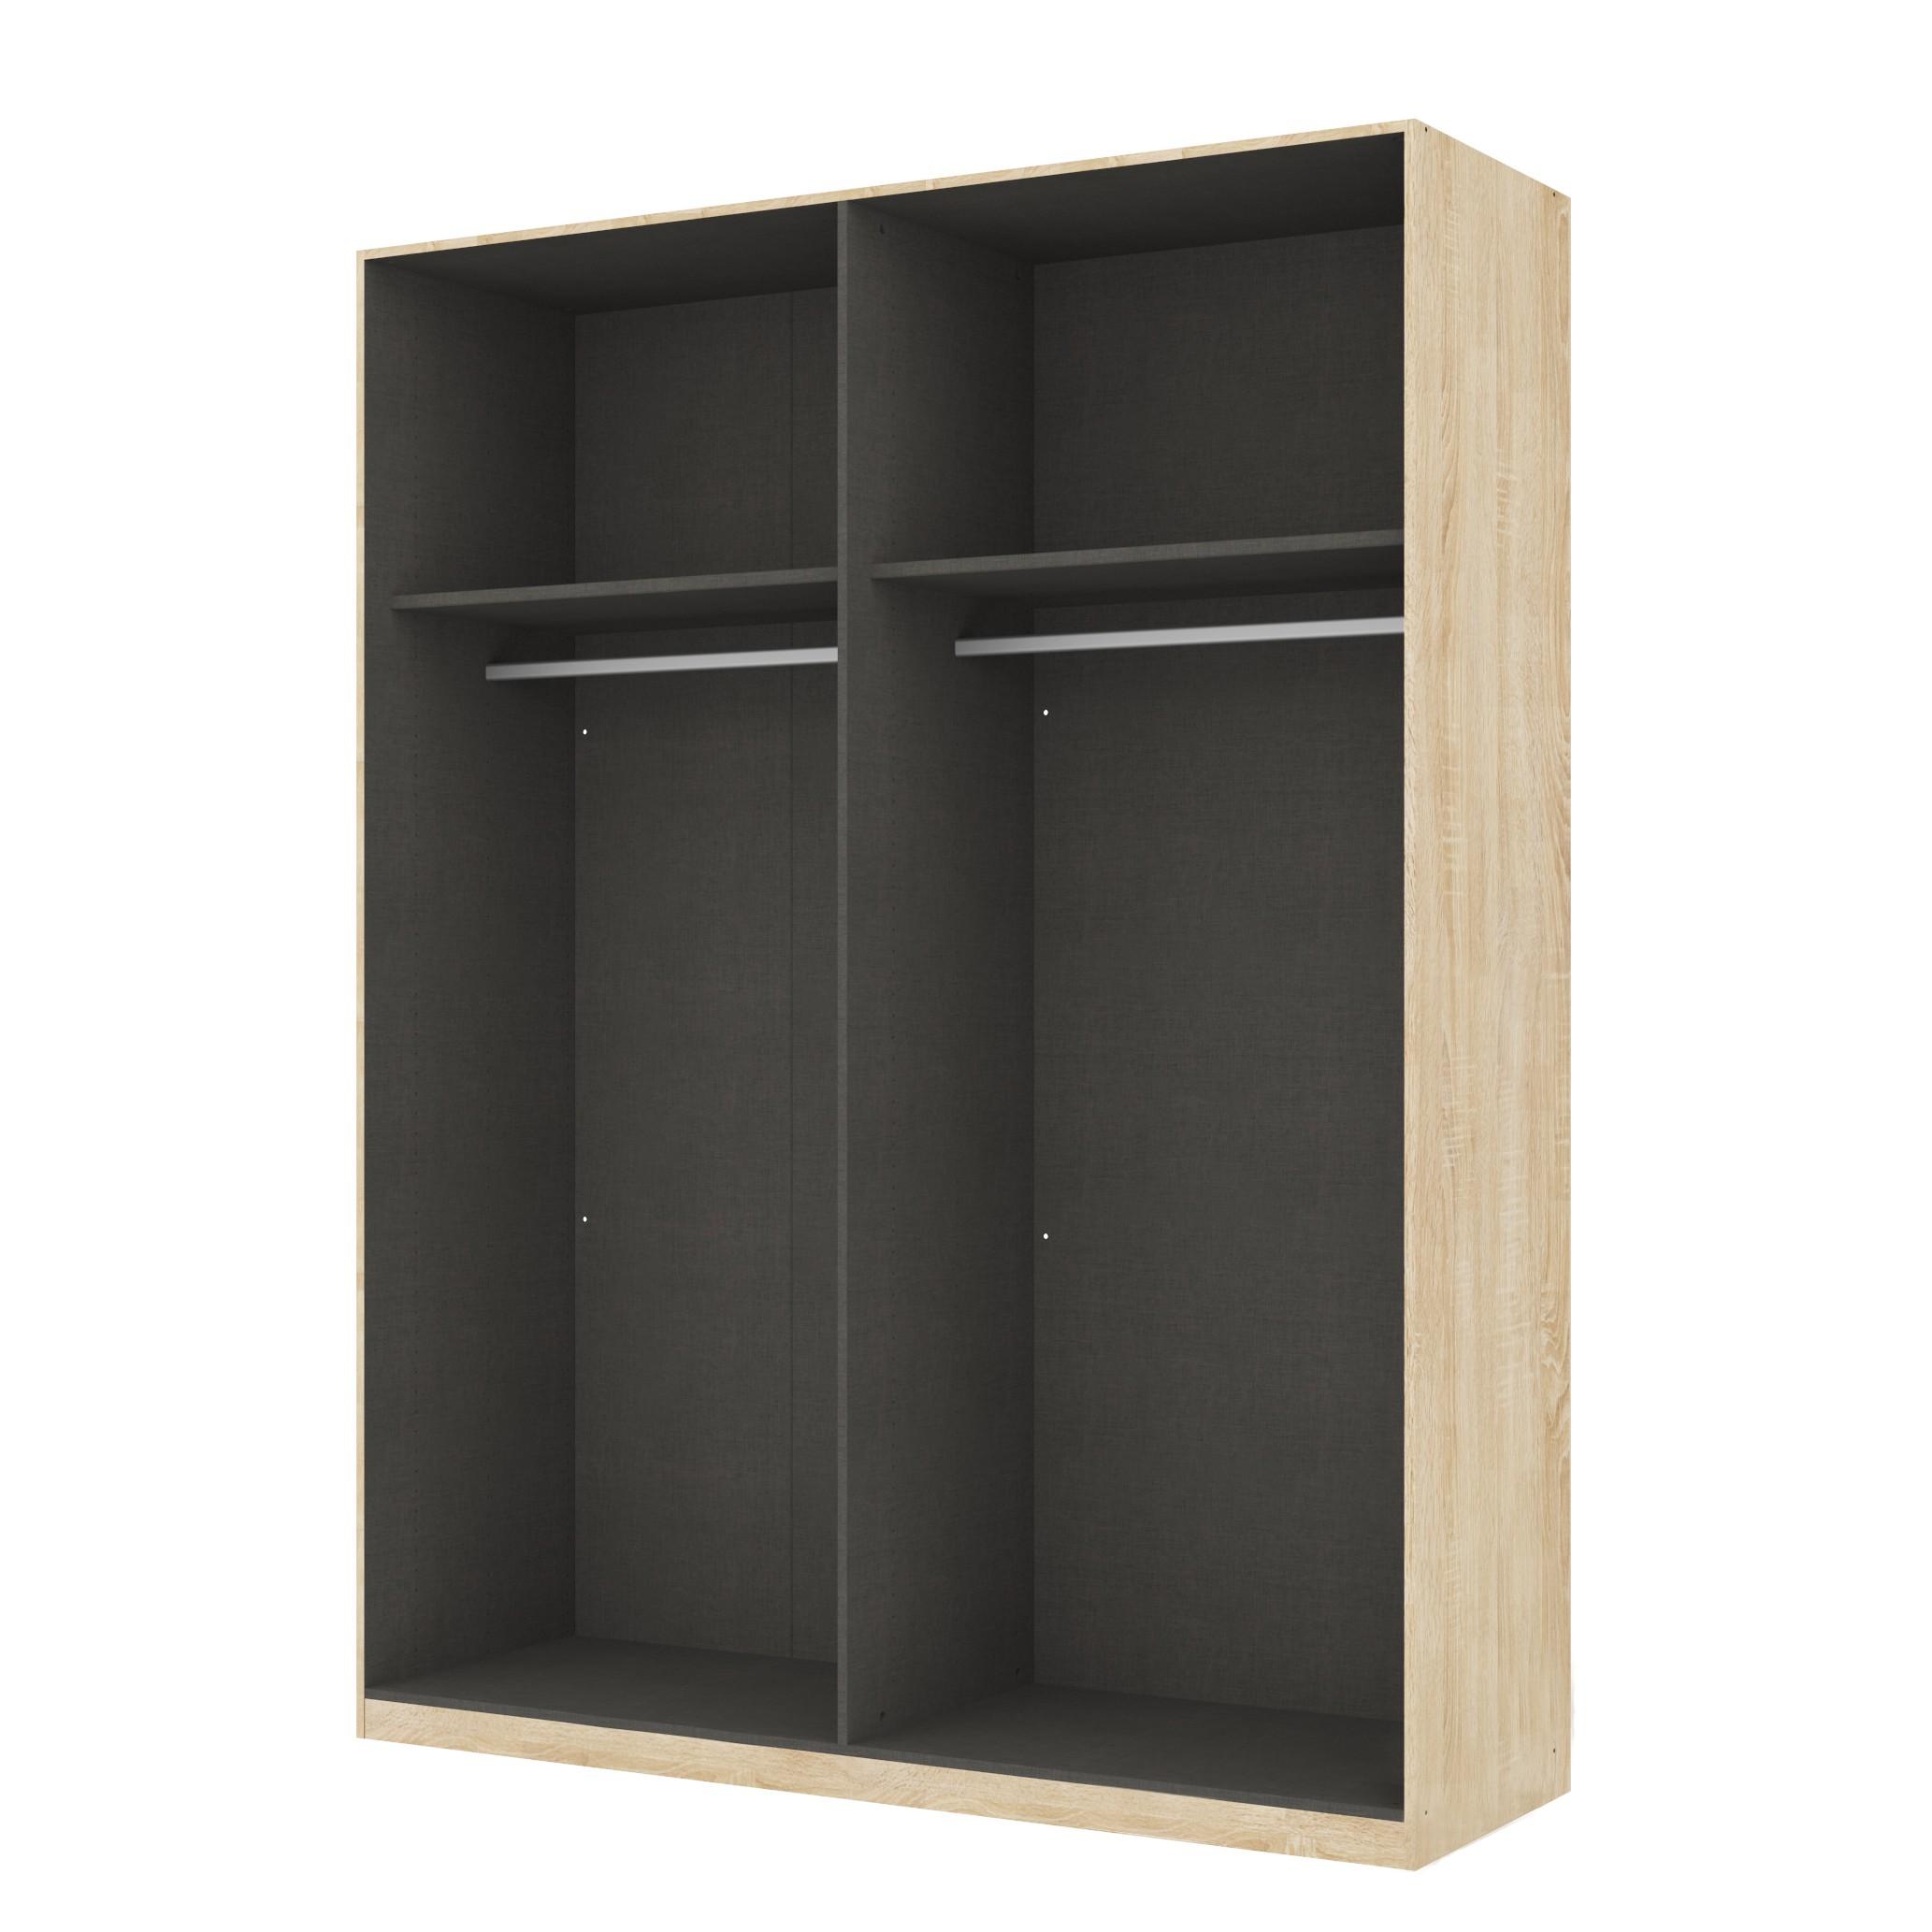 goedkoop Draaideurkast Skøp Sonoma eikenhouten look open 181cm 4 deurs 236cm Classic Skop